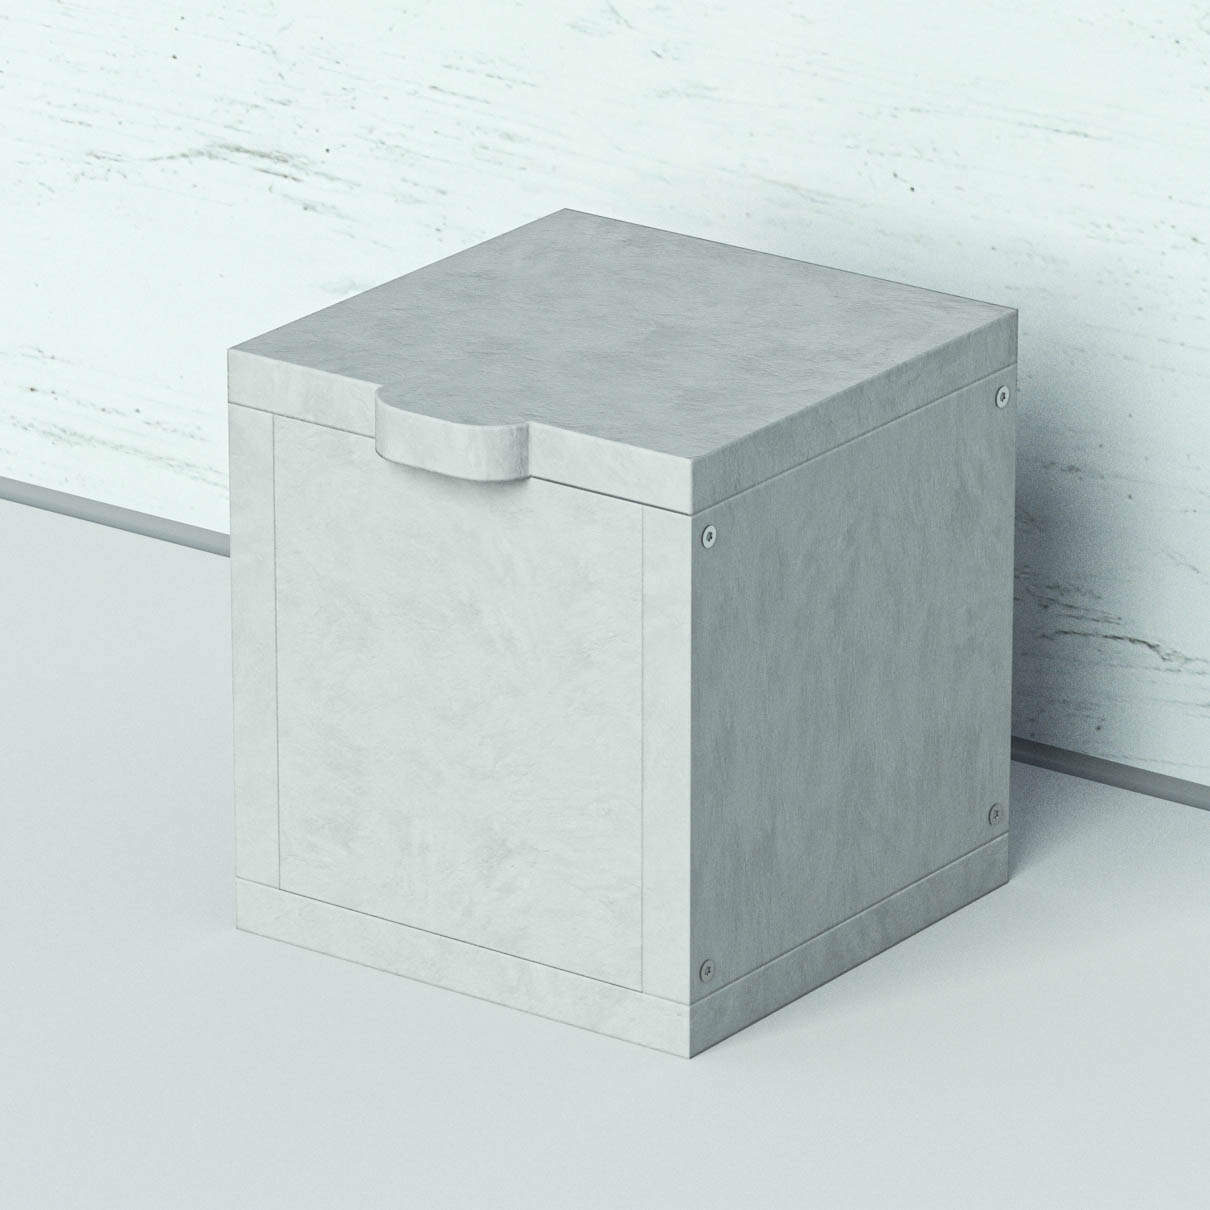 Akkubox mini vor einer weißen Wand